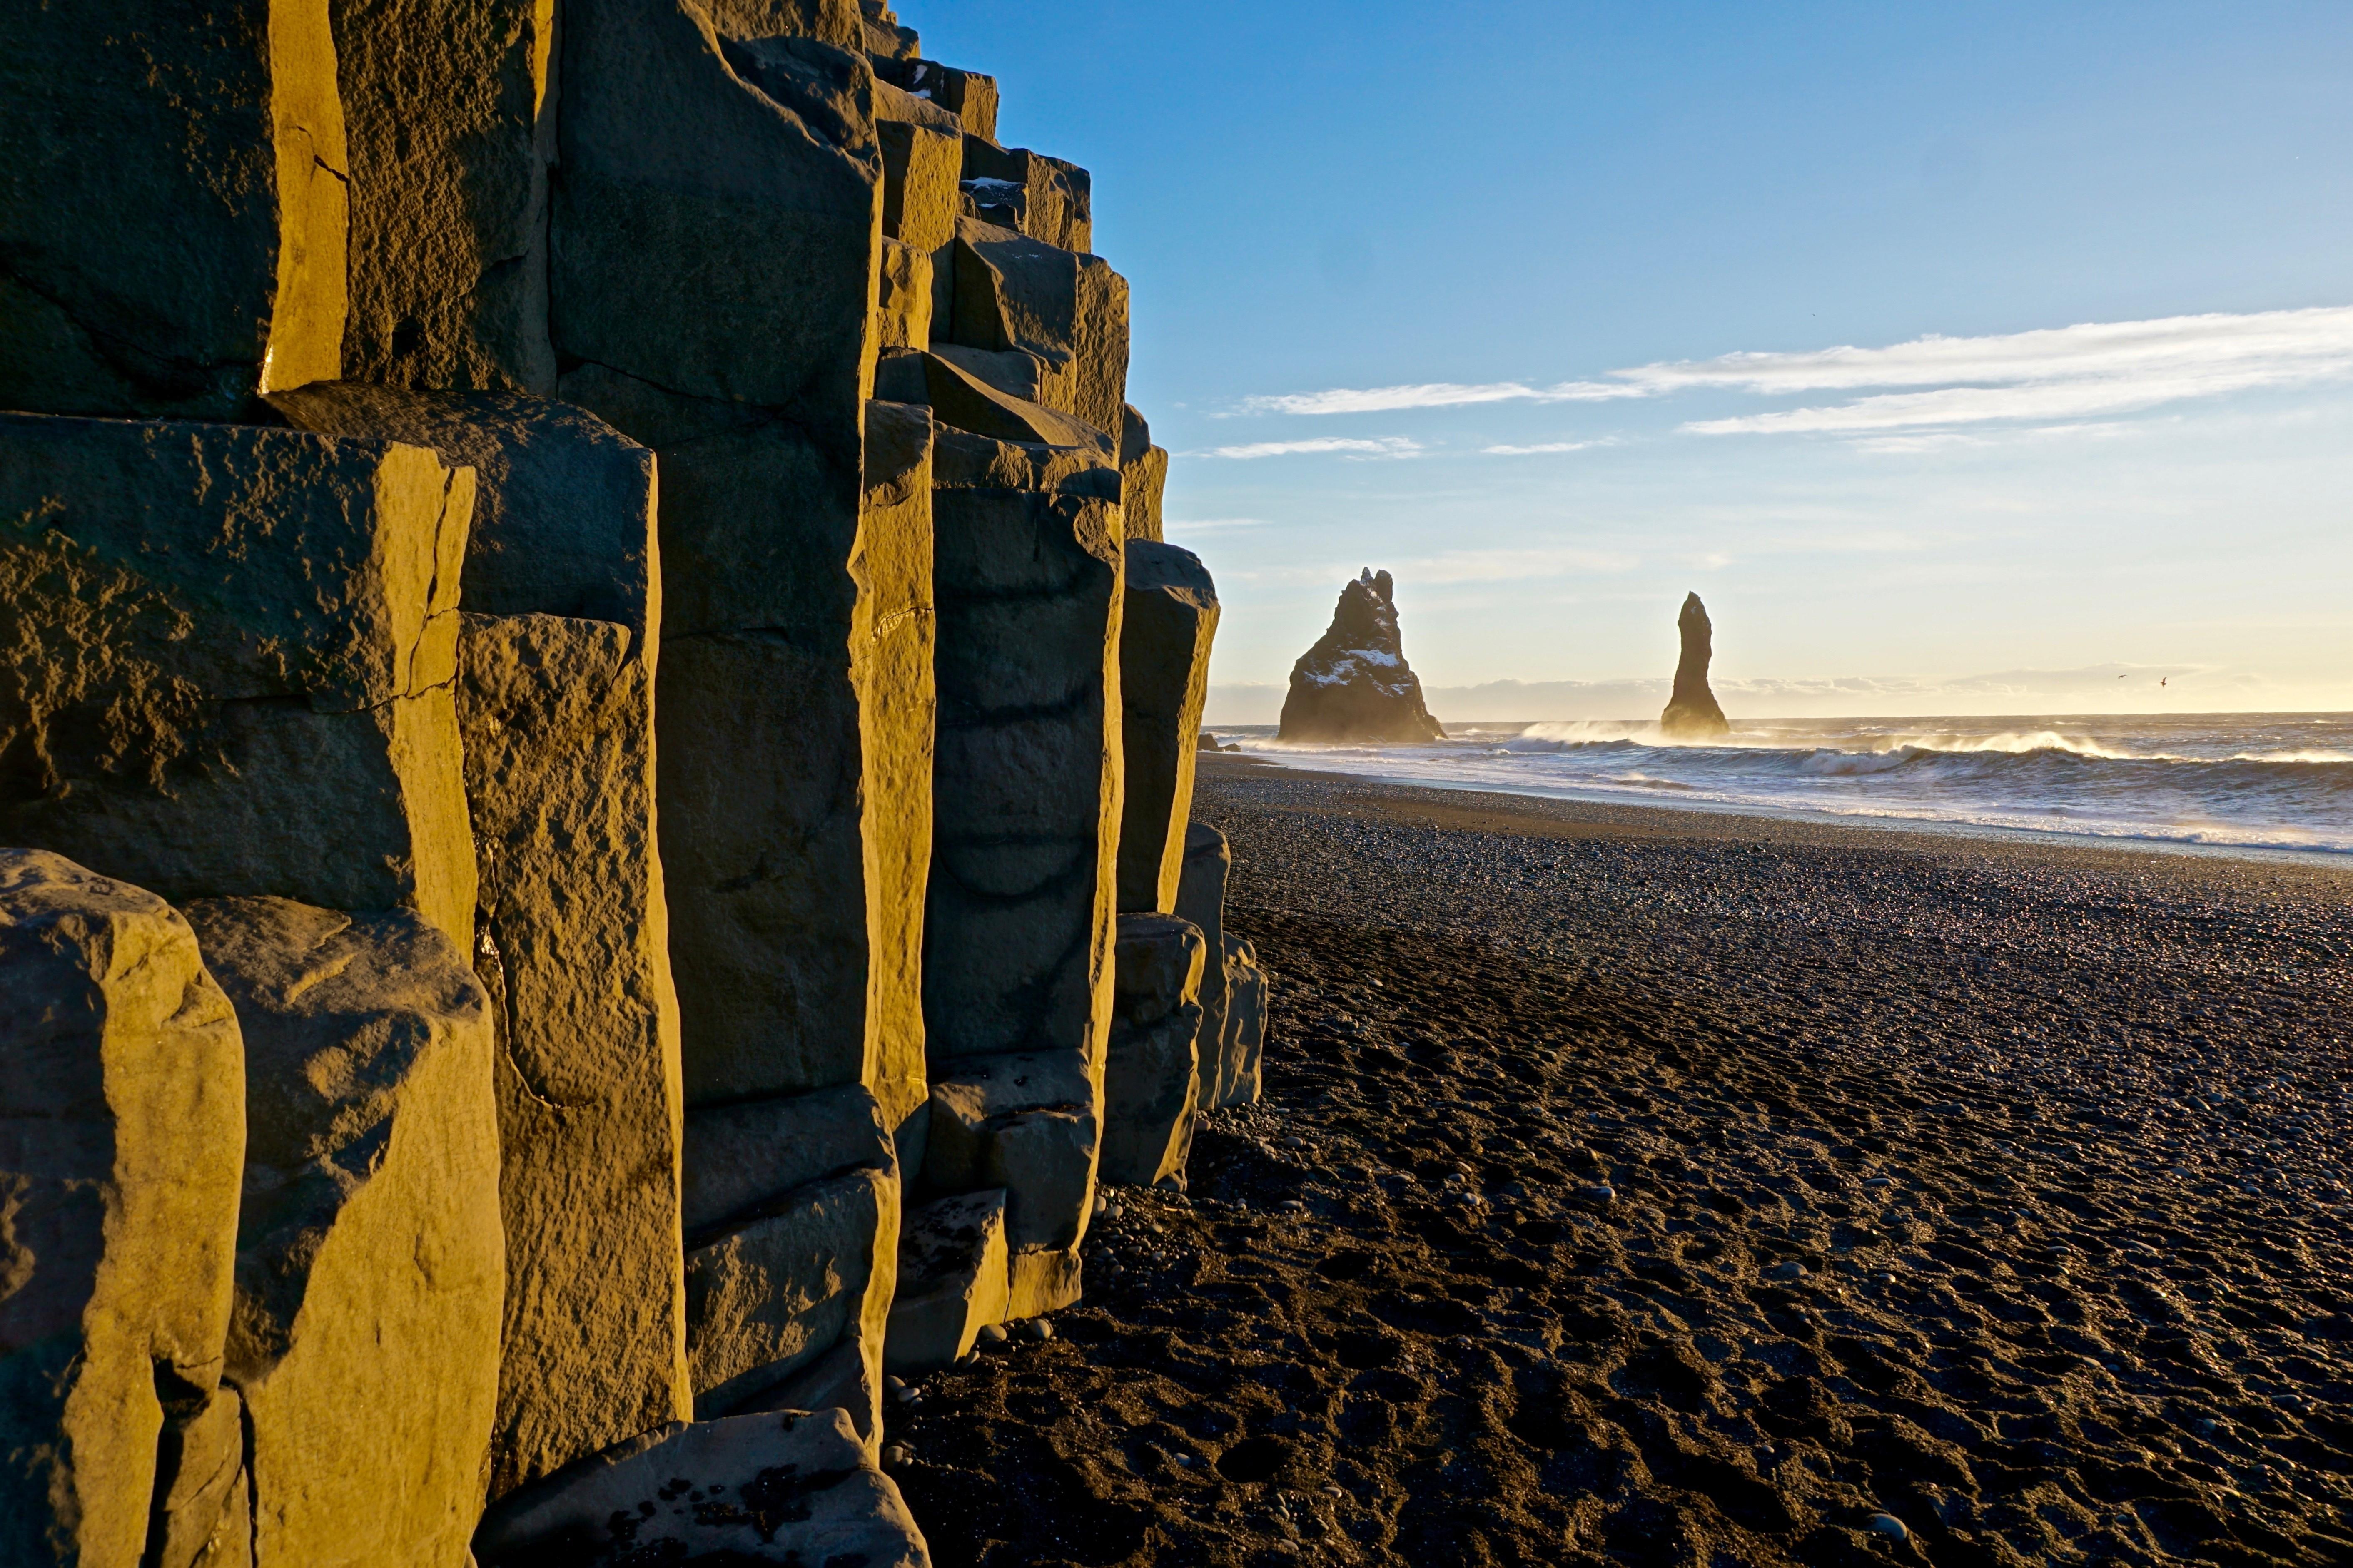 位于冰岛南岸的雷尼斯黑沙滩Reynisfjara